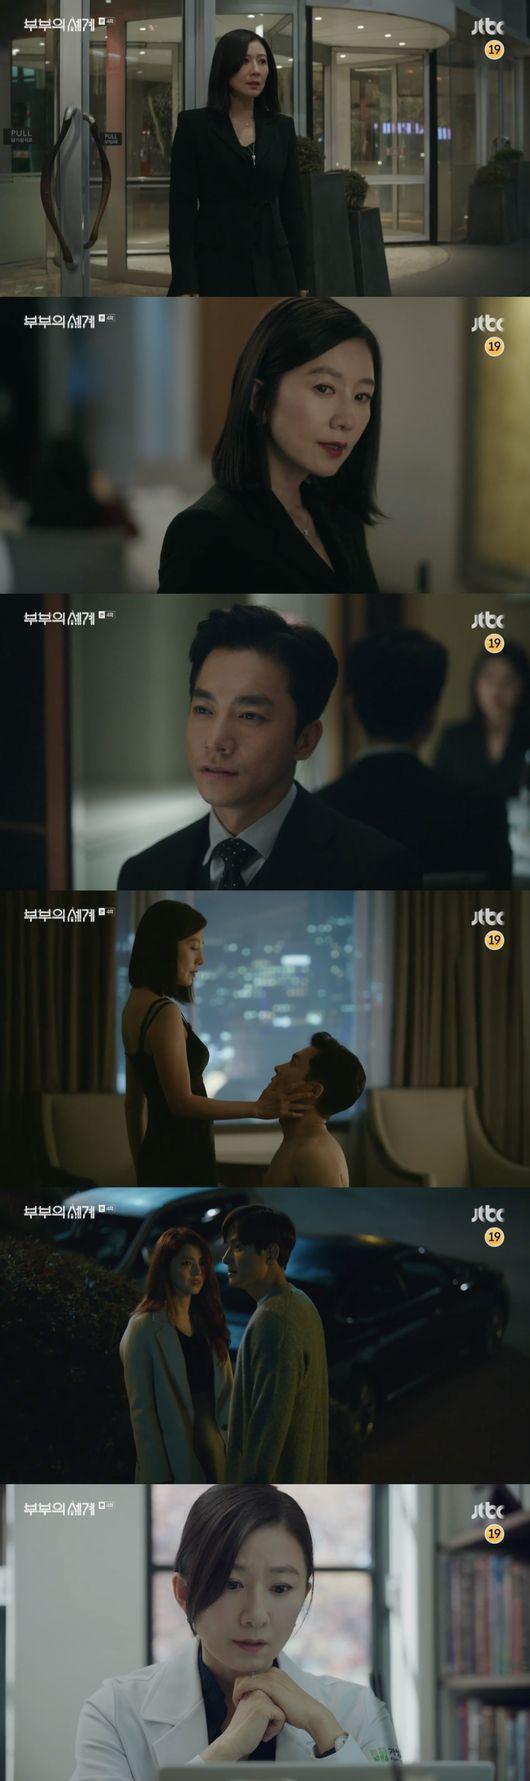 '부부의 세계' 김희애, 김영민과 호텔서 하룻밤..한소희 박해준에 이별 선언 [종합]